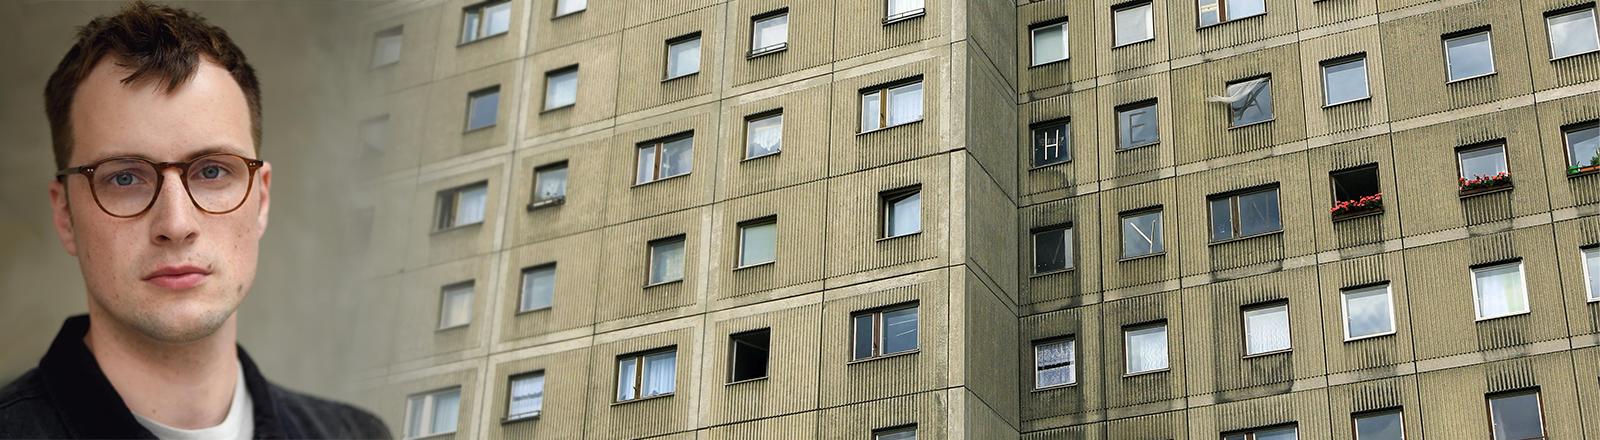 Portrait von Johannes Nichelmann vor einer Plattenbau-Fassade